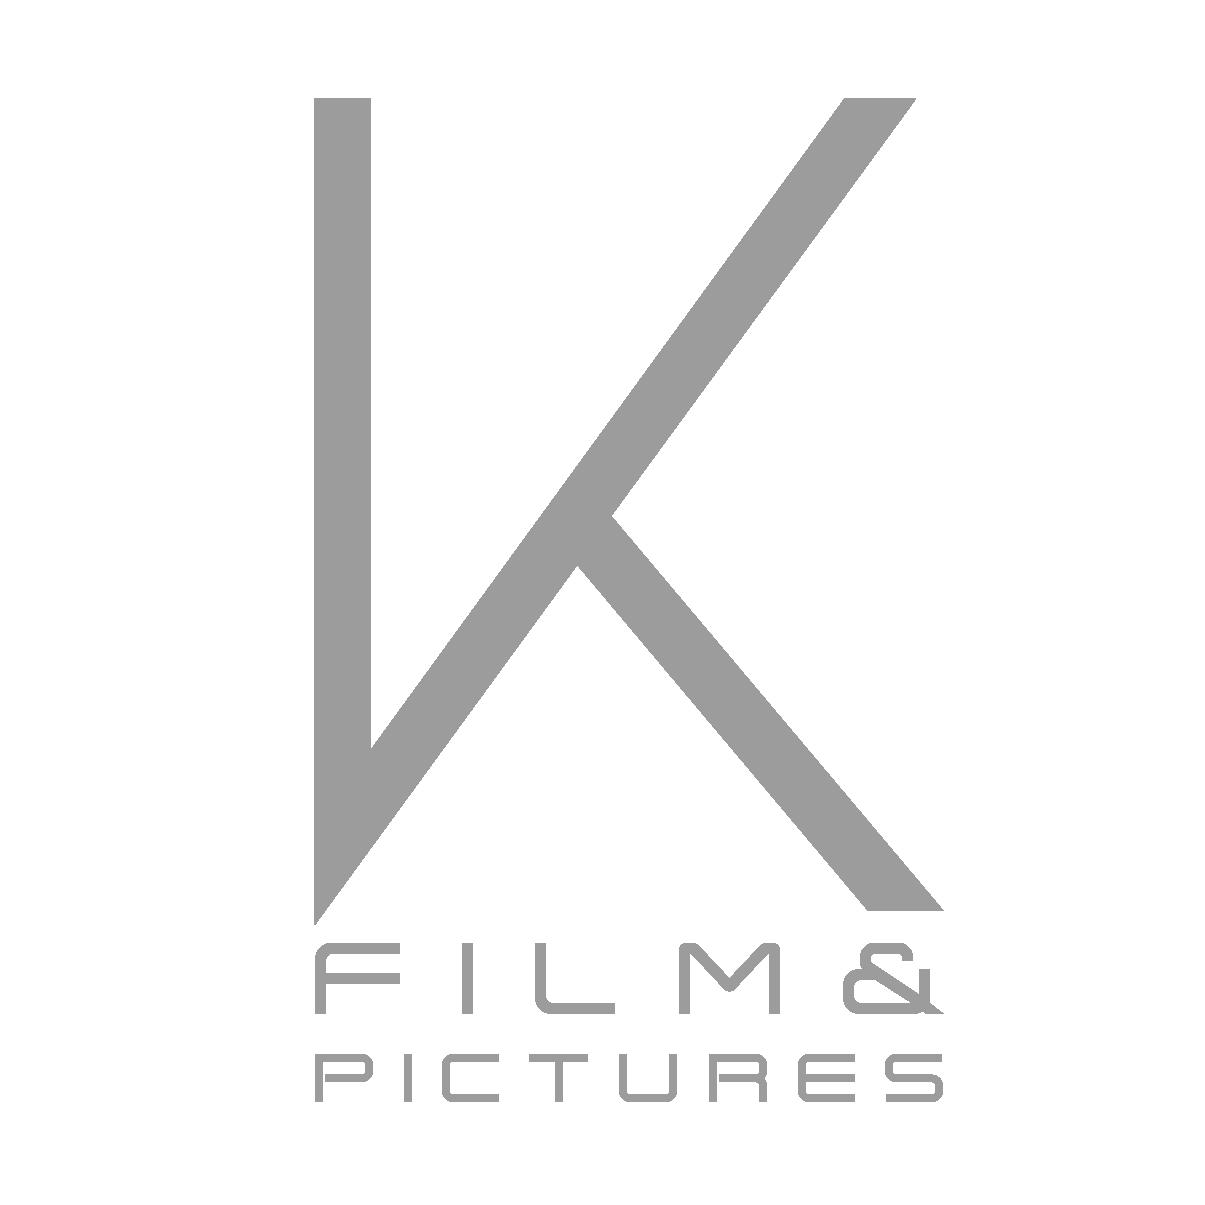 K - Film & Pictures